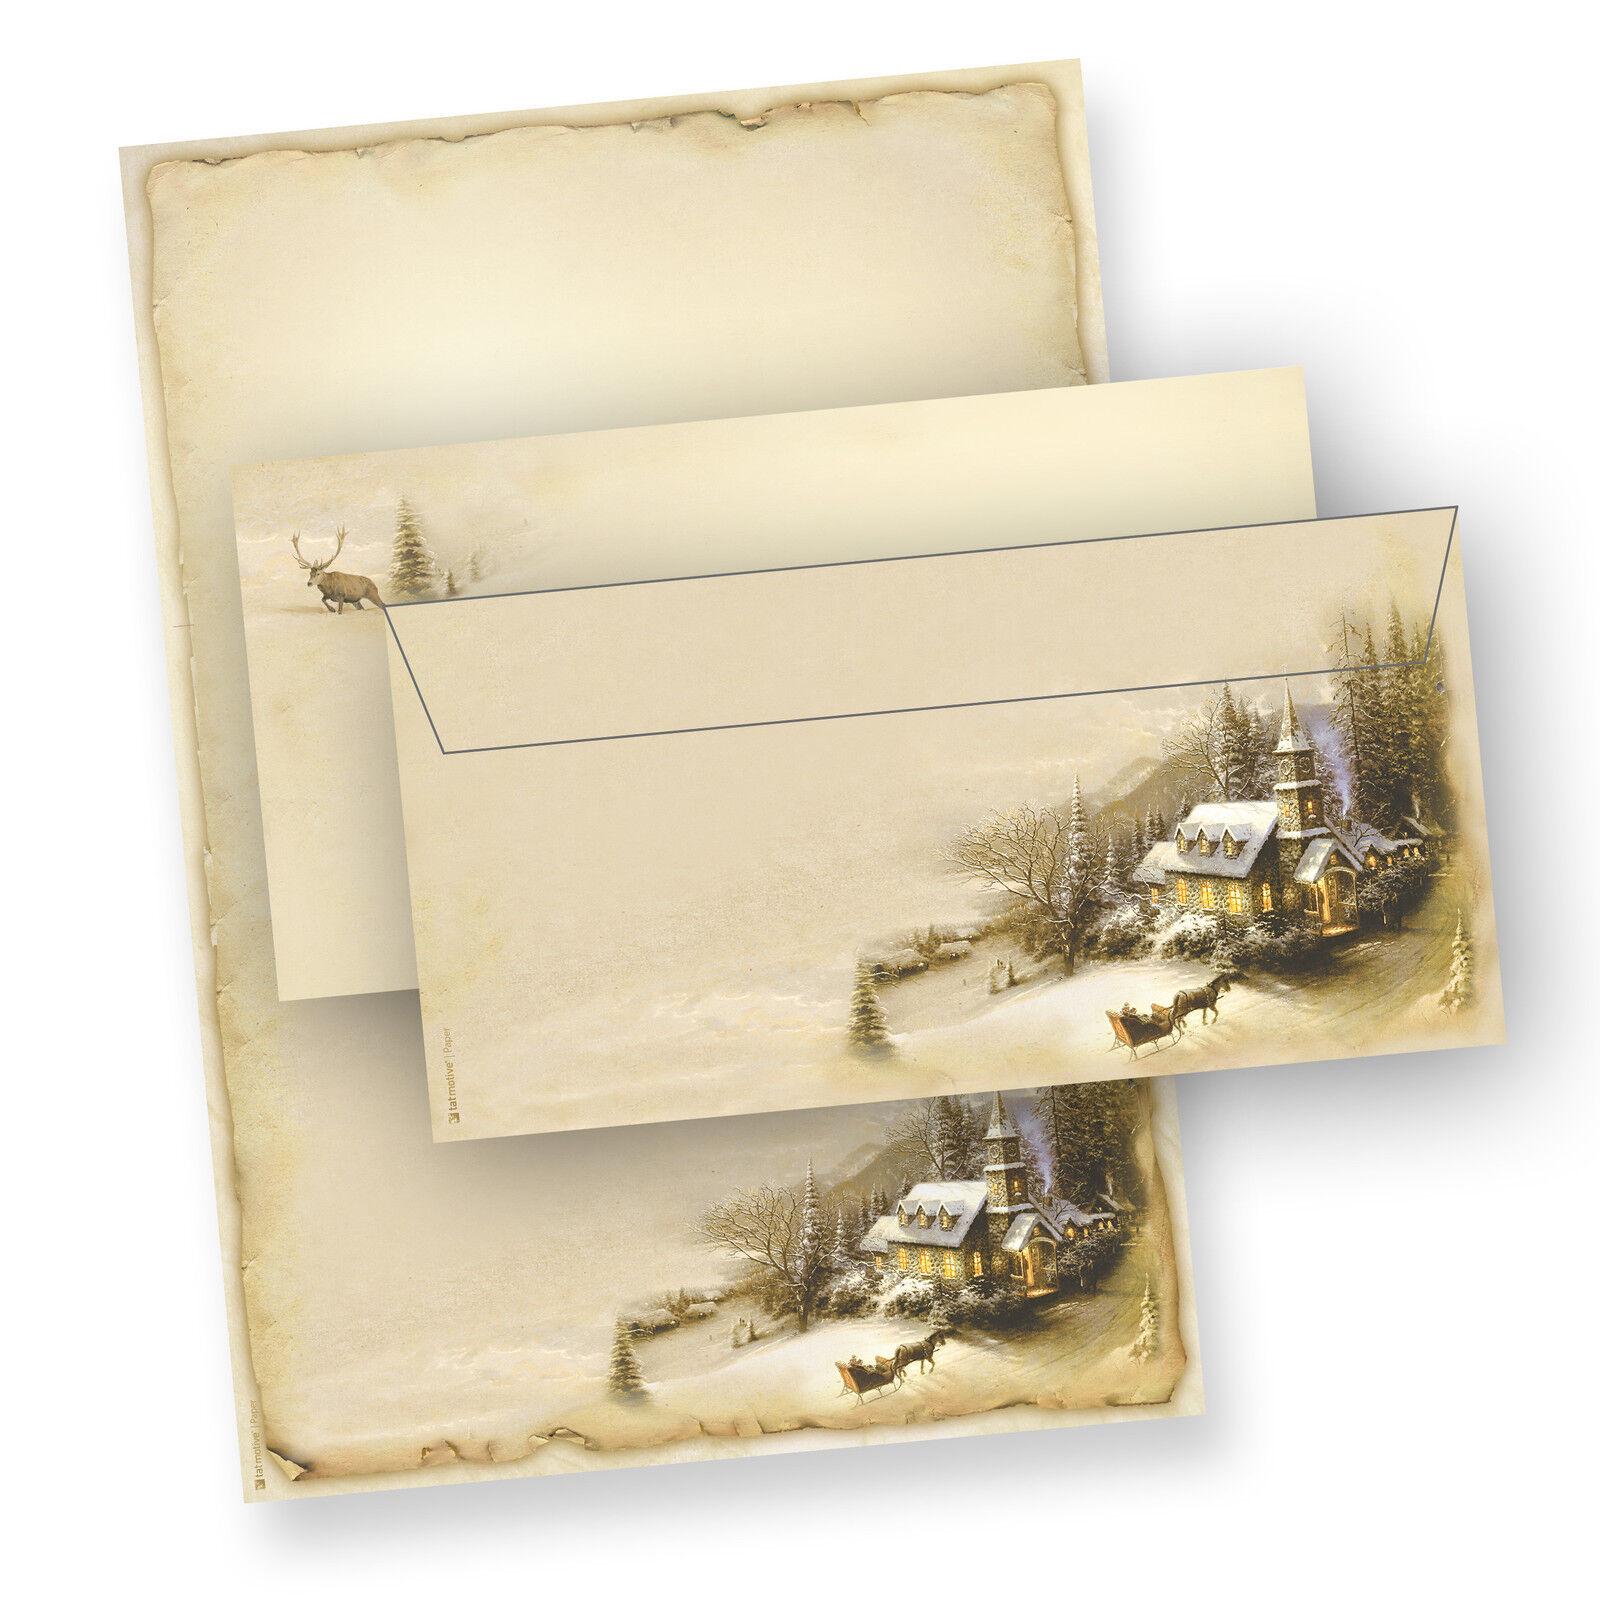 NEU Briefpapier Weihnachten Set DIN A4 Motiv WINTERIDYLLE ohne   mit Umschläge | Up-to-date Styling  | Günstige